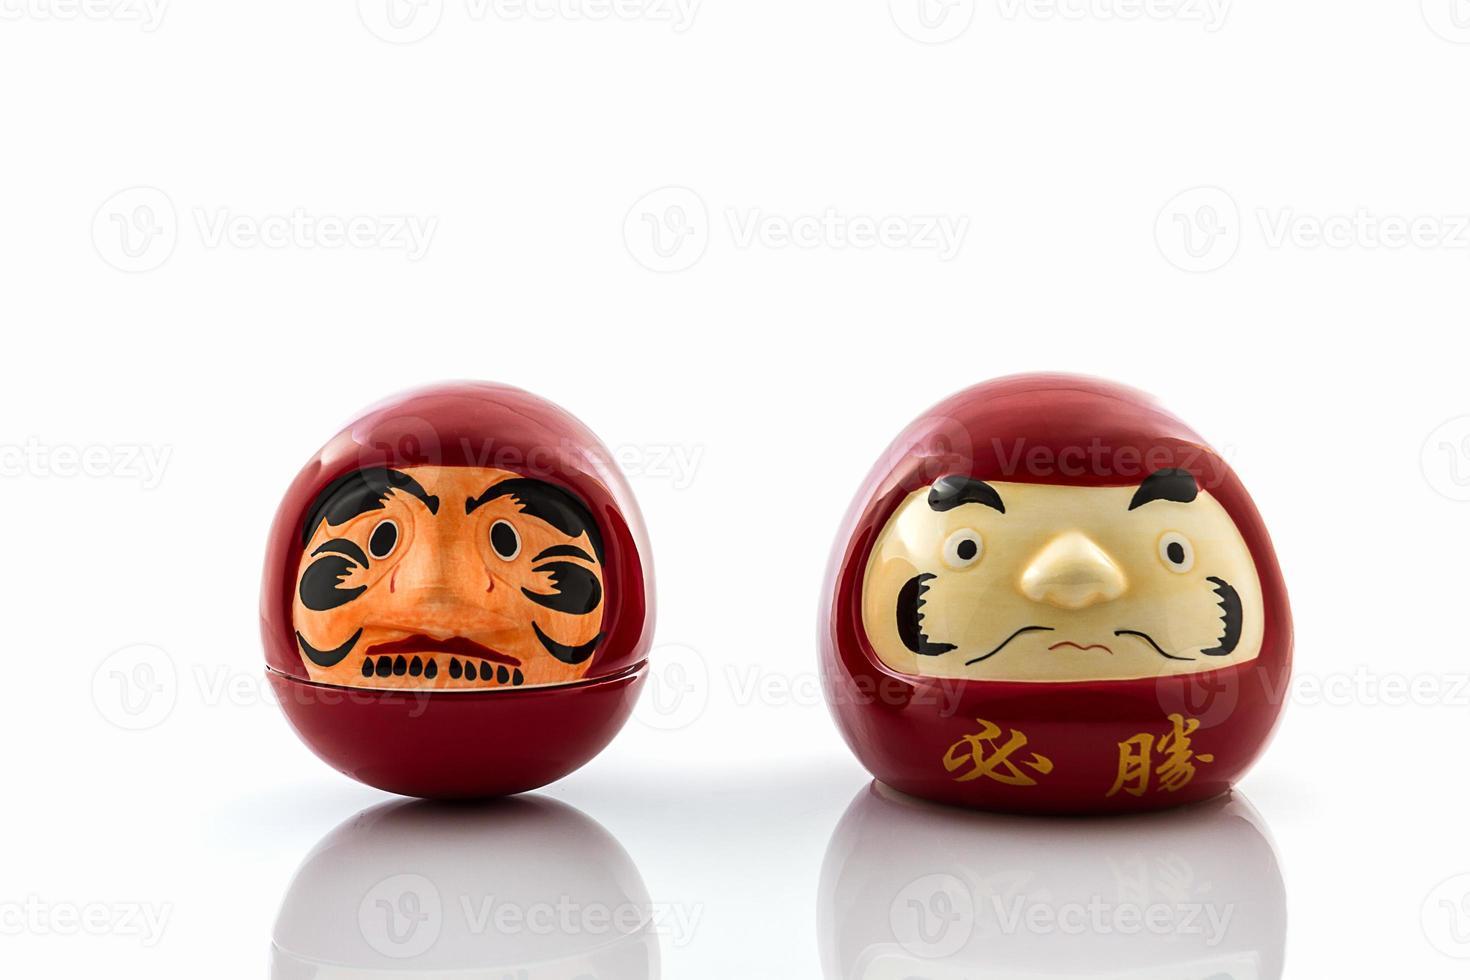 Darumas bambola fortunata, simboli del tr culturale e spirituale del Giappone foto